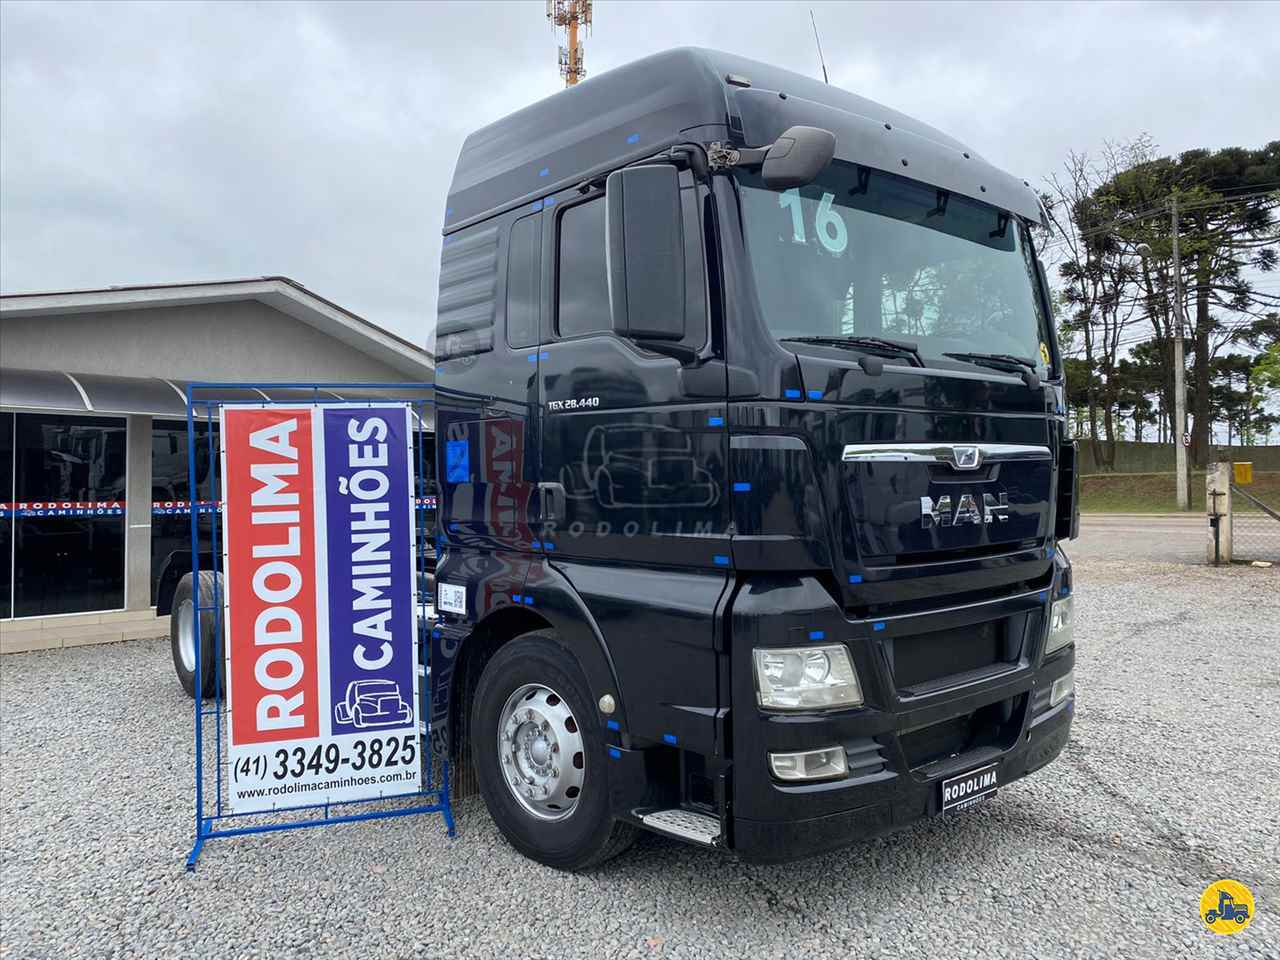 CAMINHAO MAN TGX 28 440 Chassis Truck 6x2 Rodolima Caminhões CURITIBA PARANÁ PR